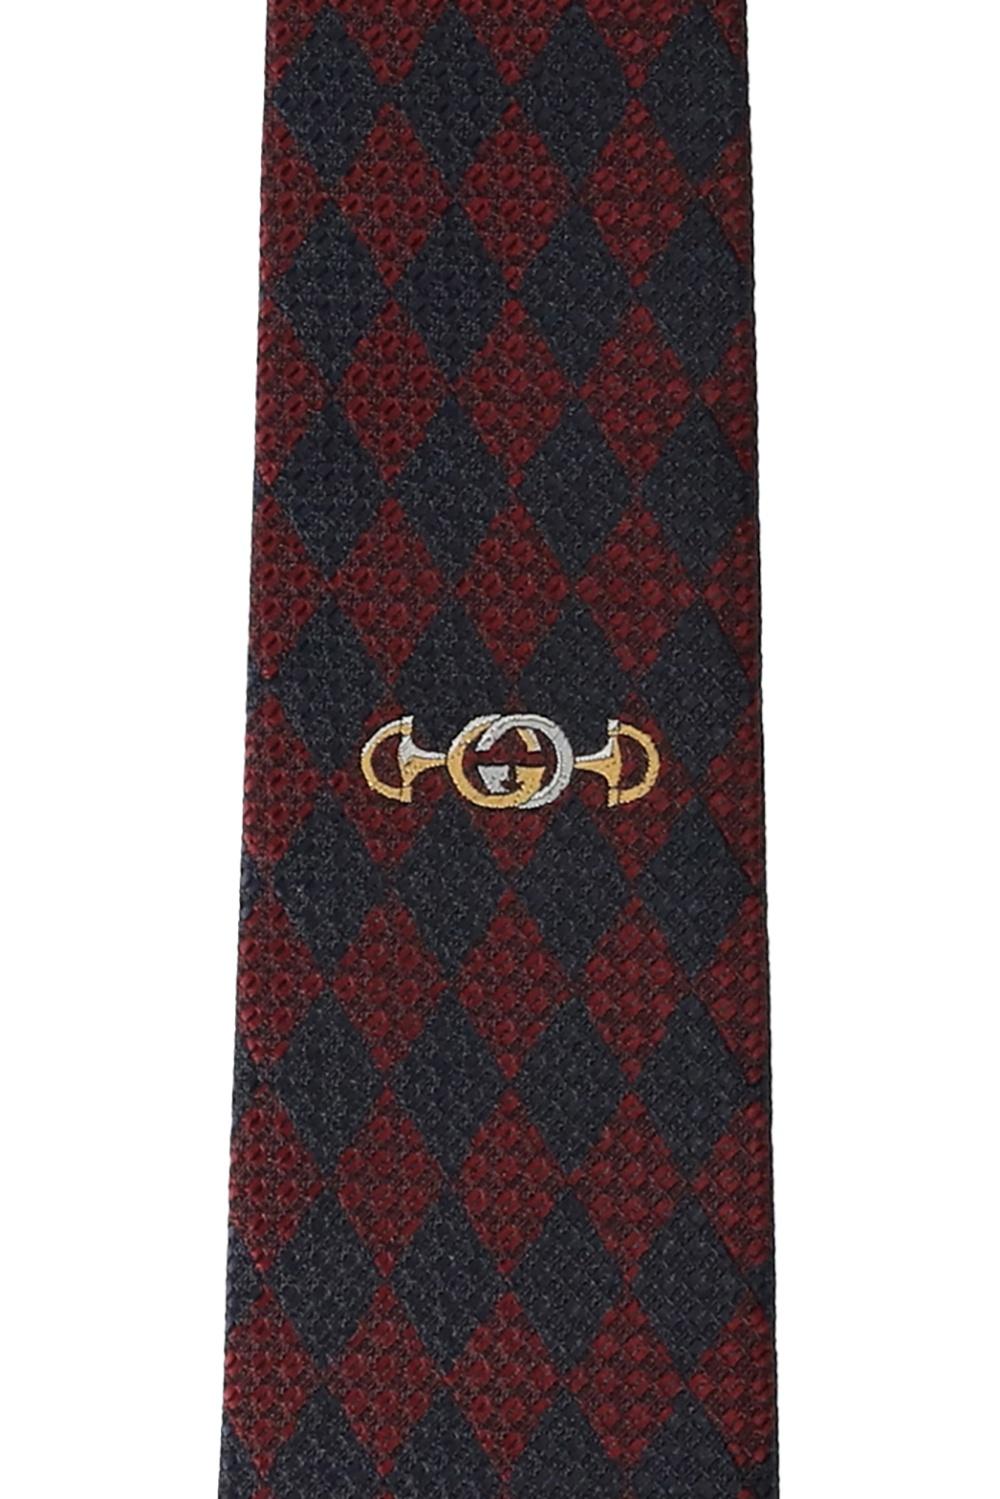 Gucci Jedwabny krawat